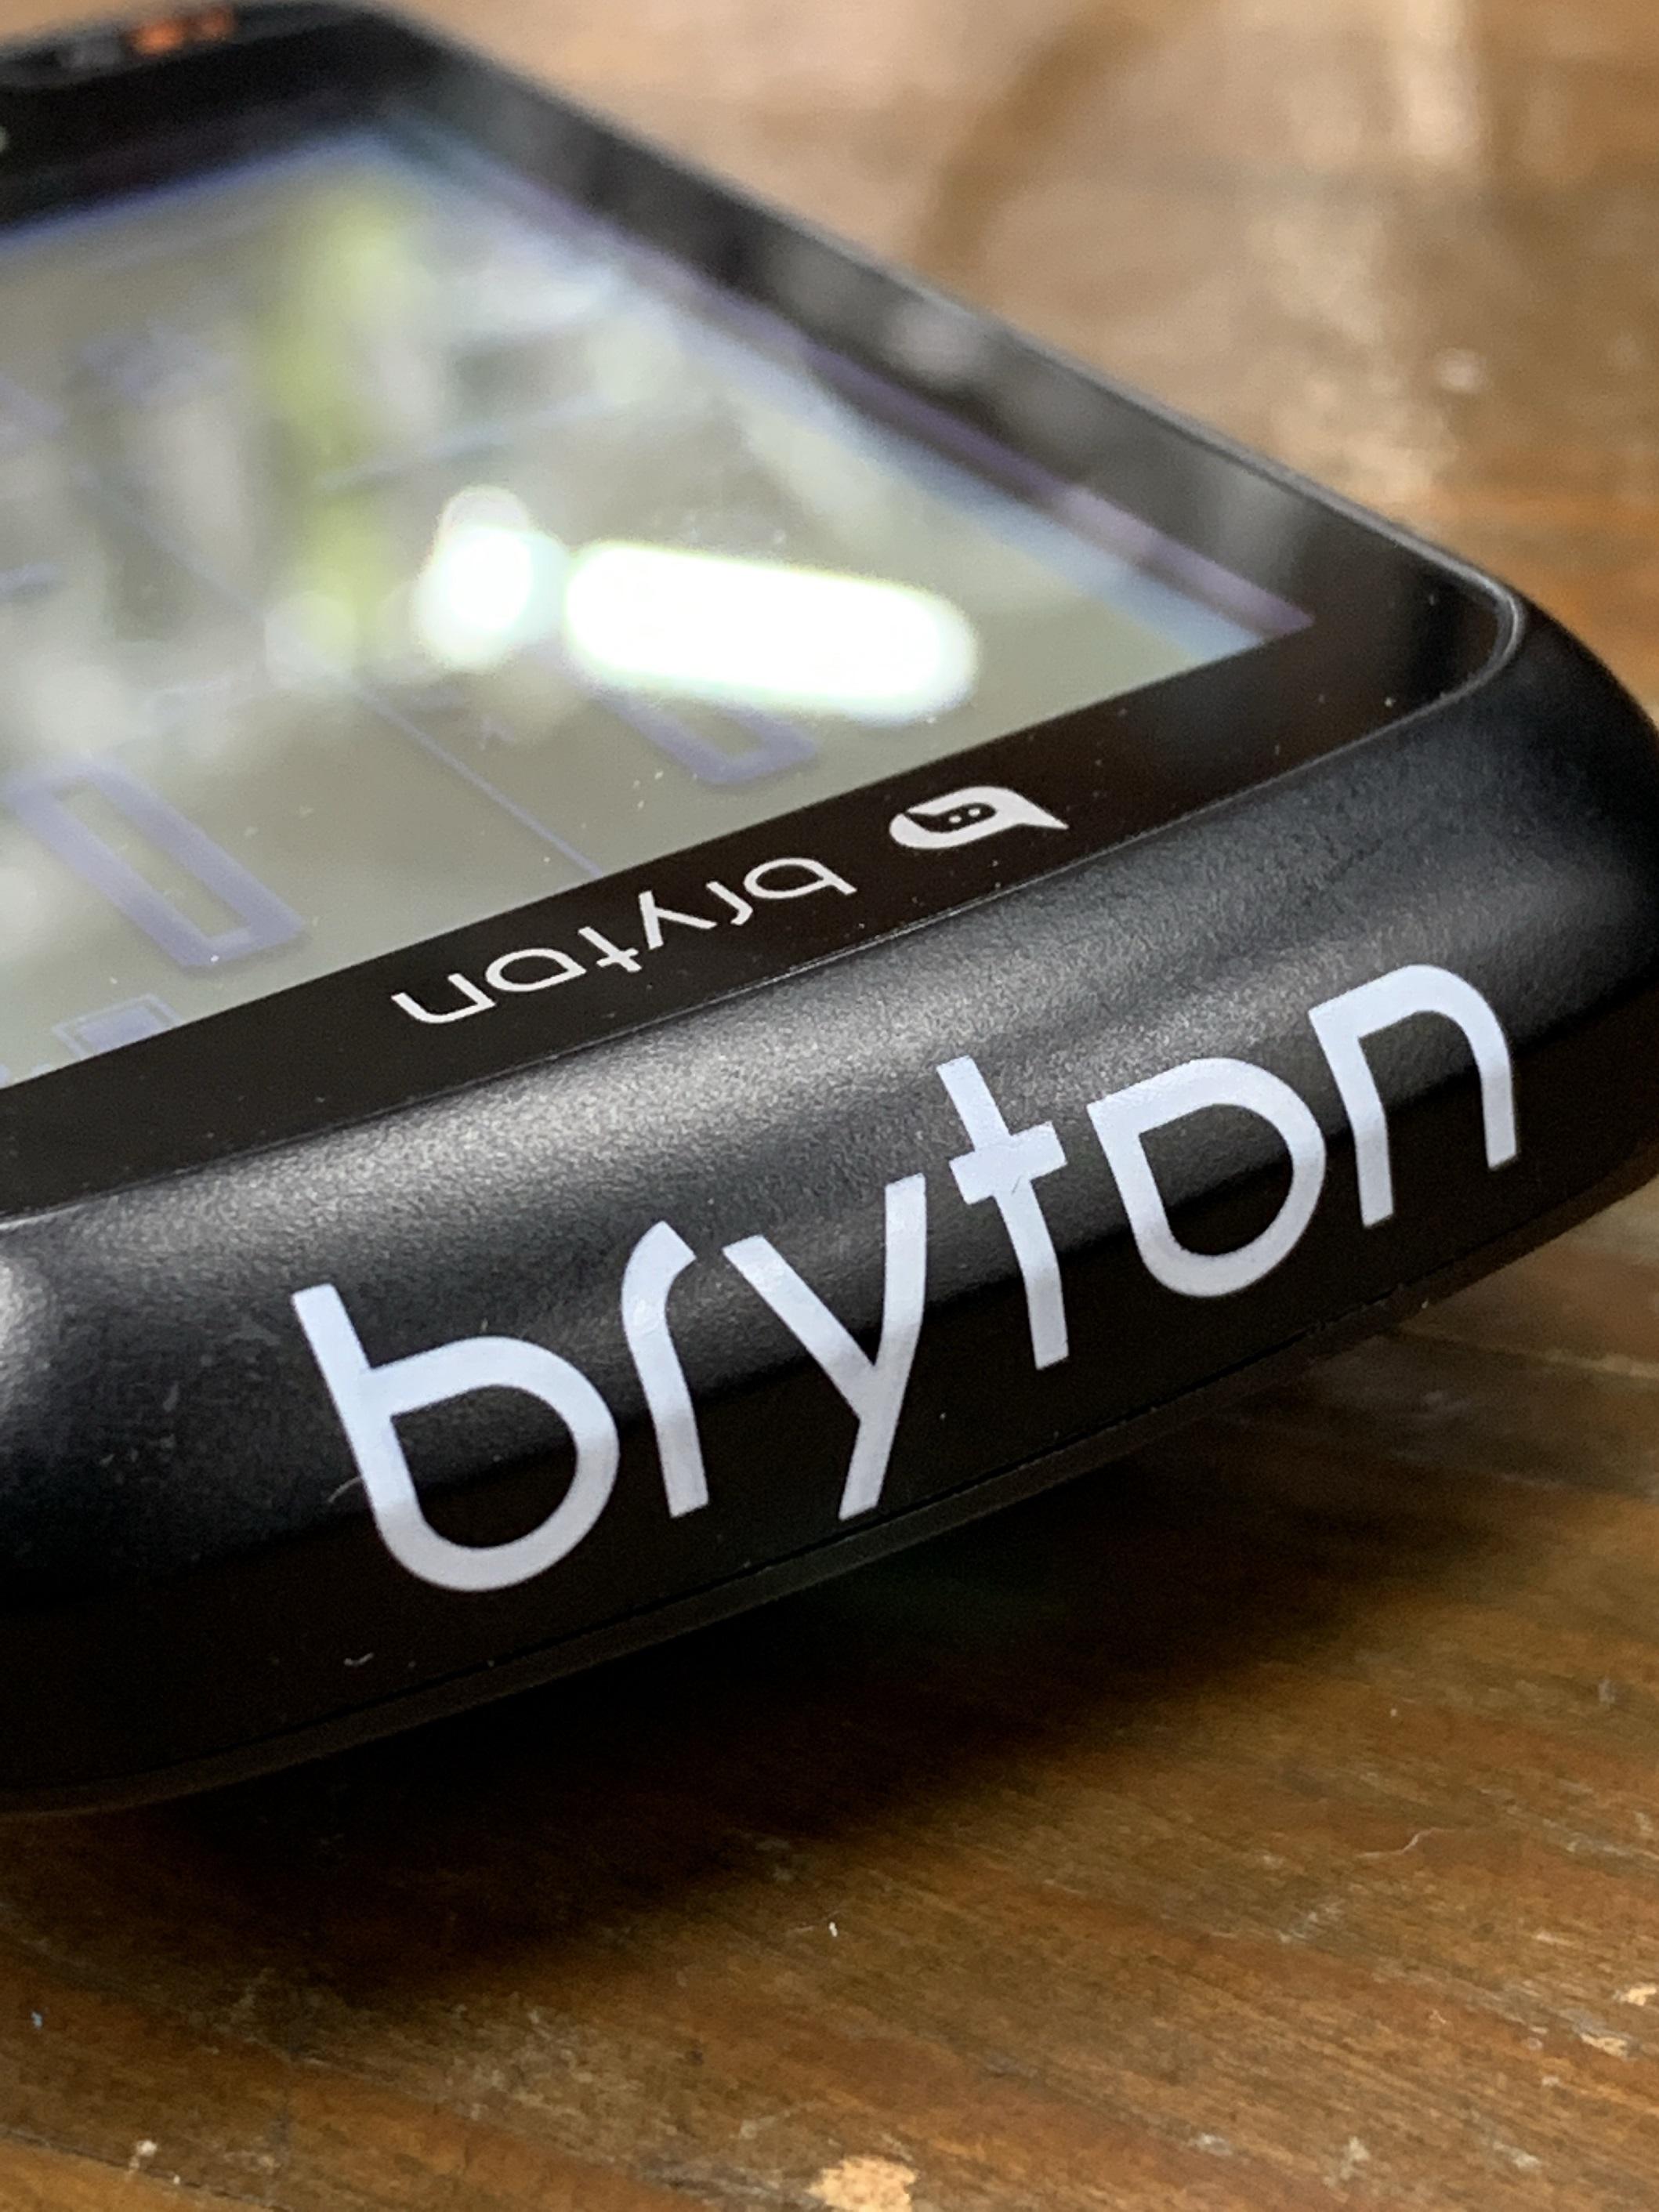 brytonは使いやすくていいですよ!